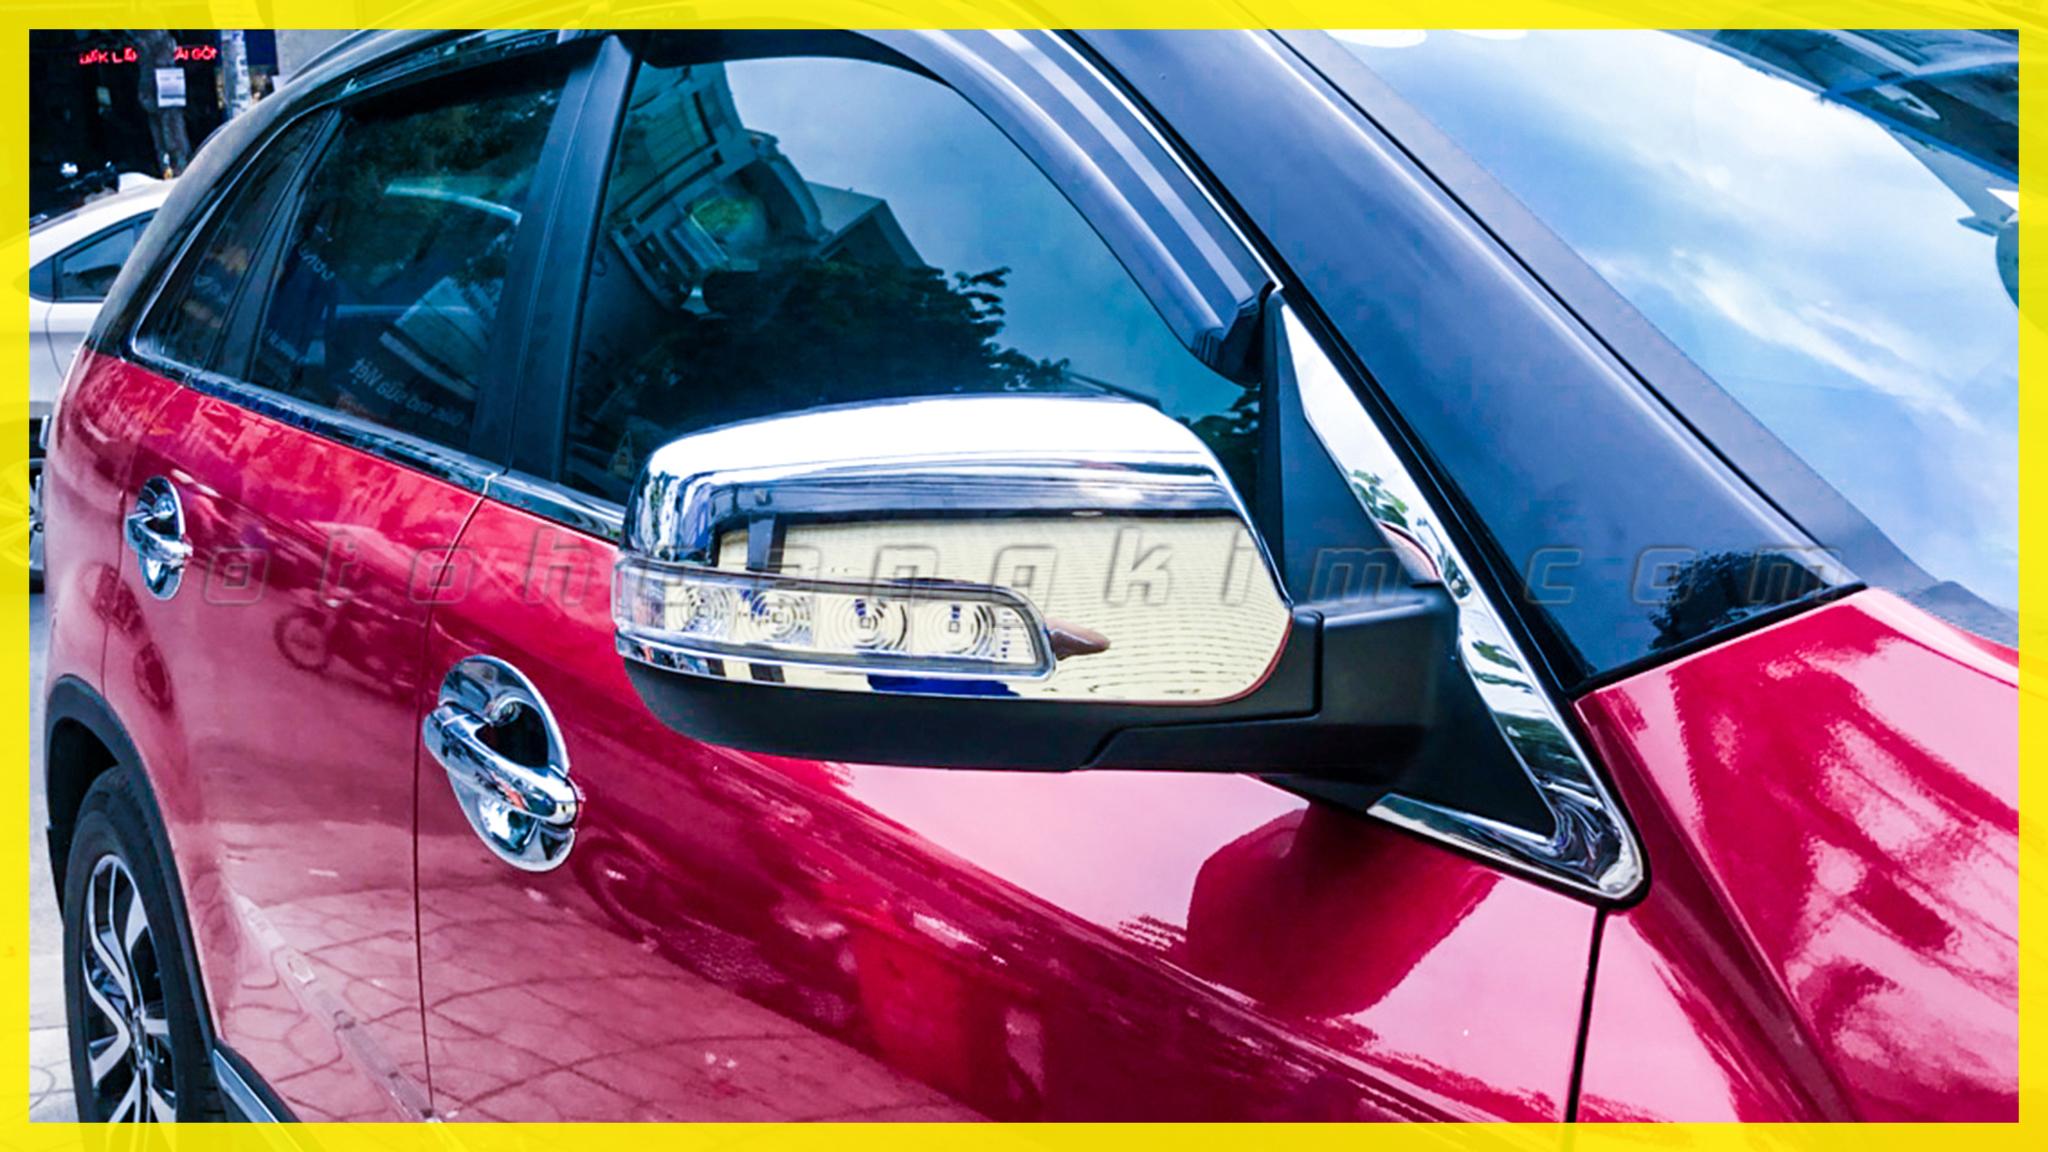 Quy trình lắp đặt ốp gương chiếu hậu ô tô đơn giản nhất